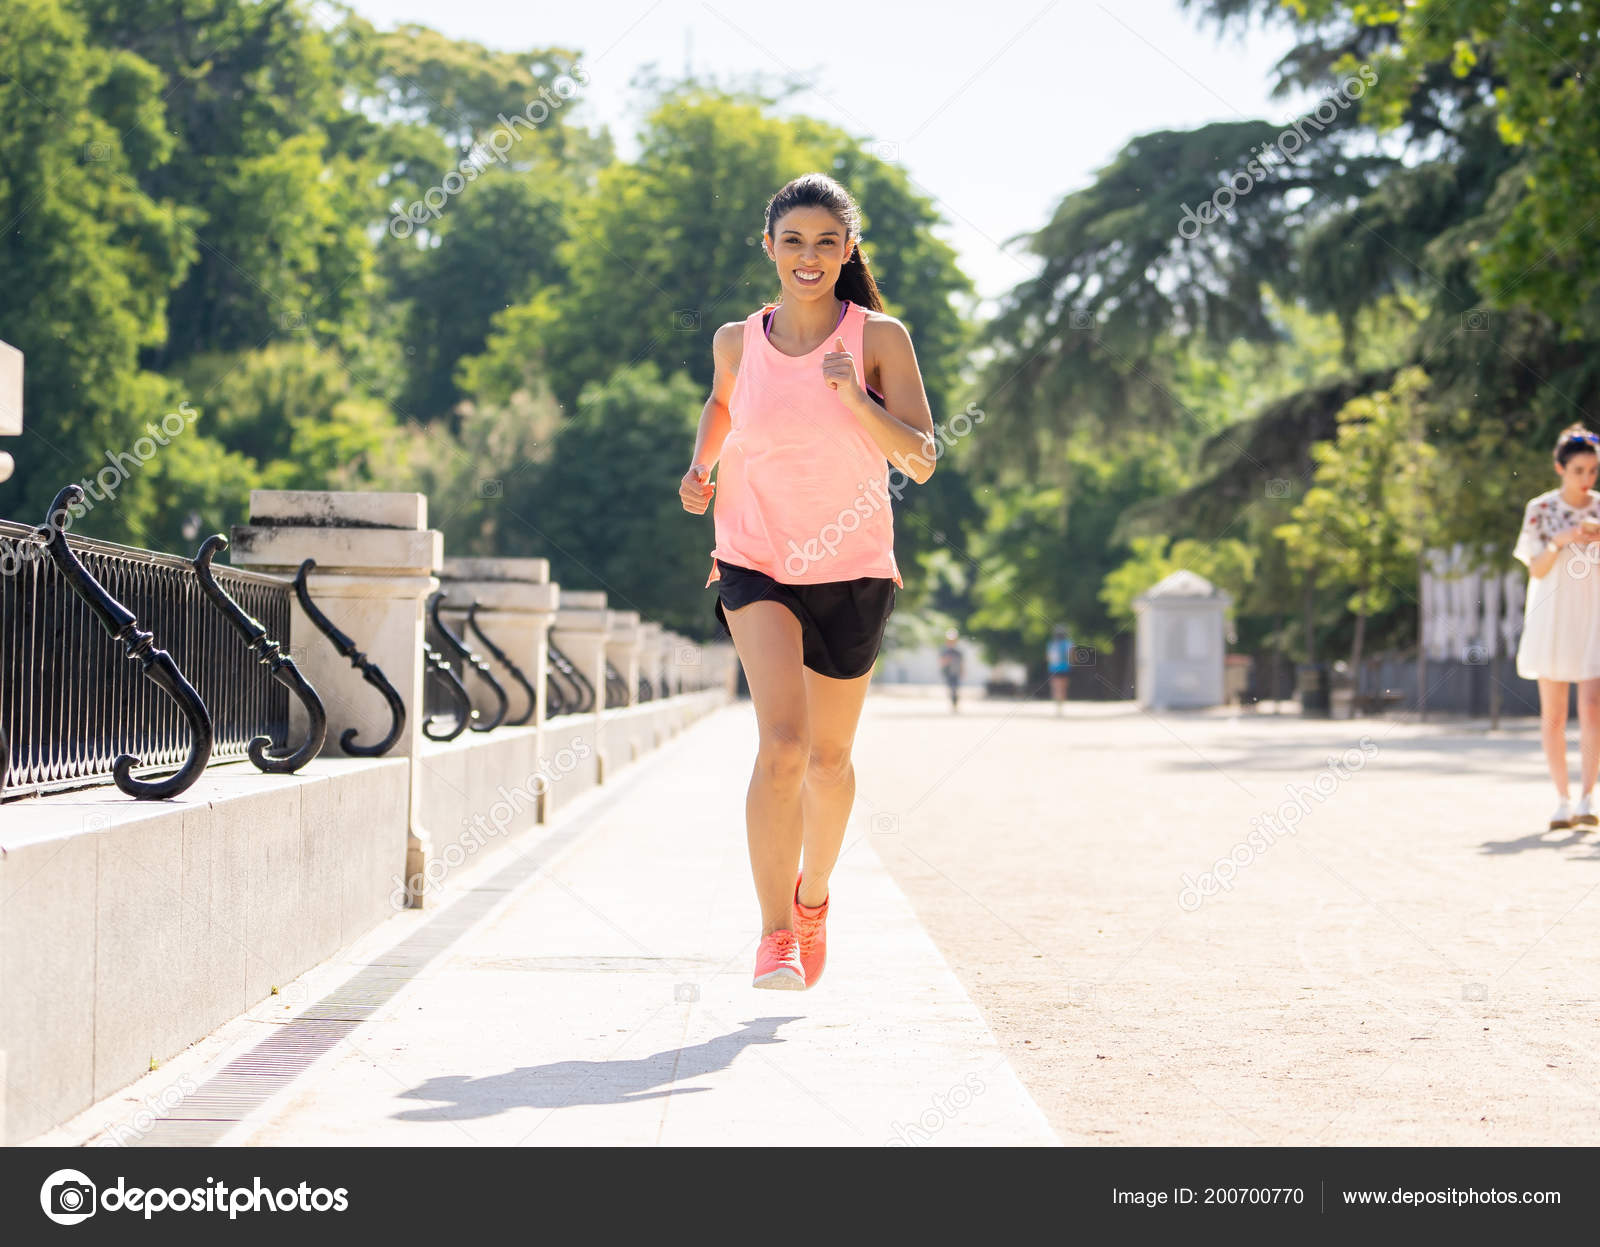 Femme jeune coureur attrayant et heureux Sportswear automne en cours  d exécution et de la formation sur jogging en plein air au parc de la ville  avec arbres ... 5f2088b2bb6